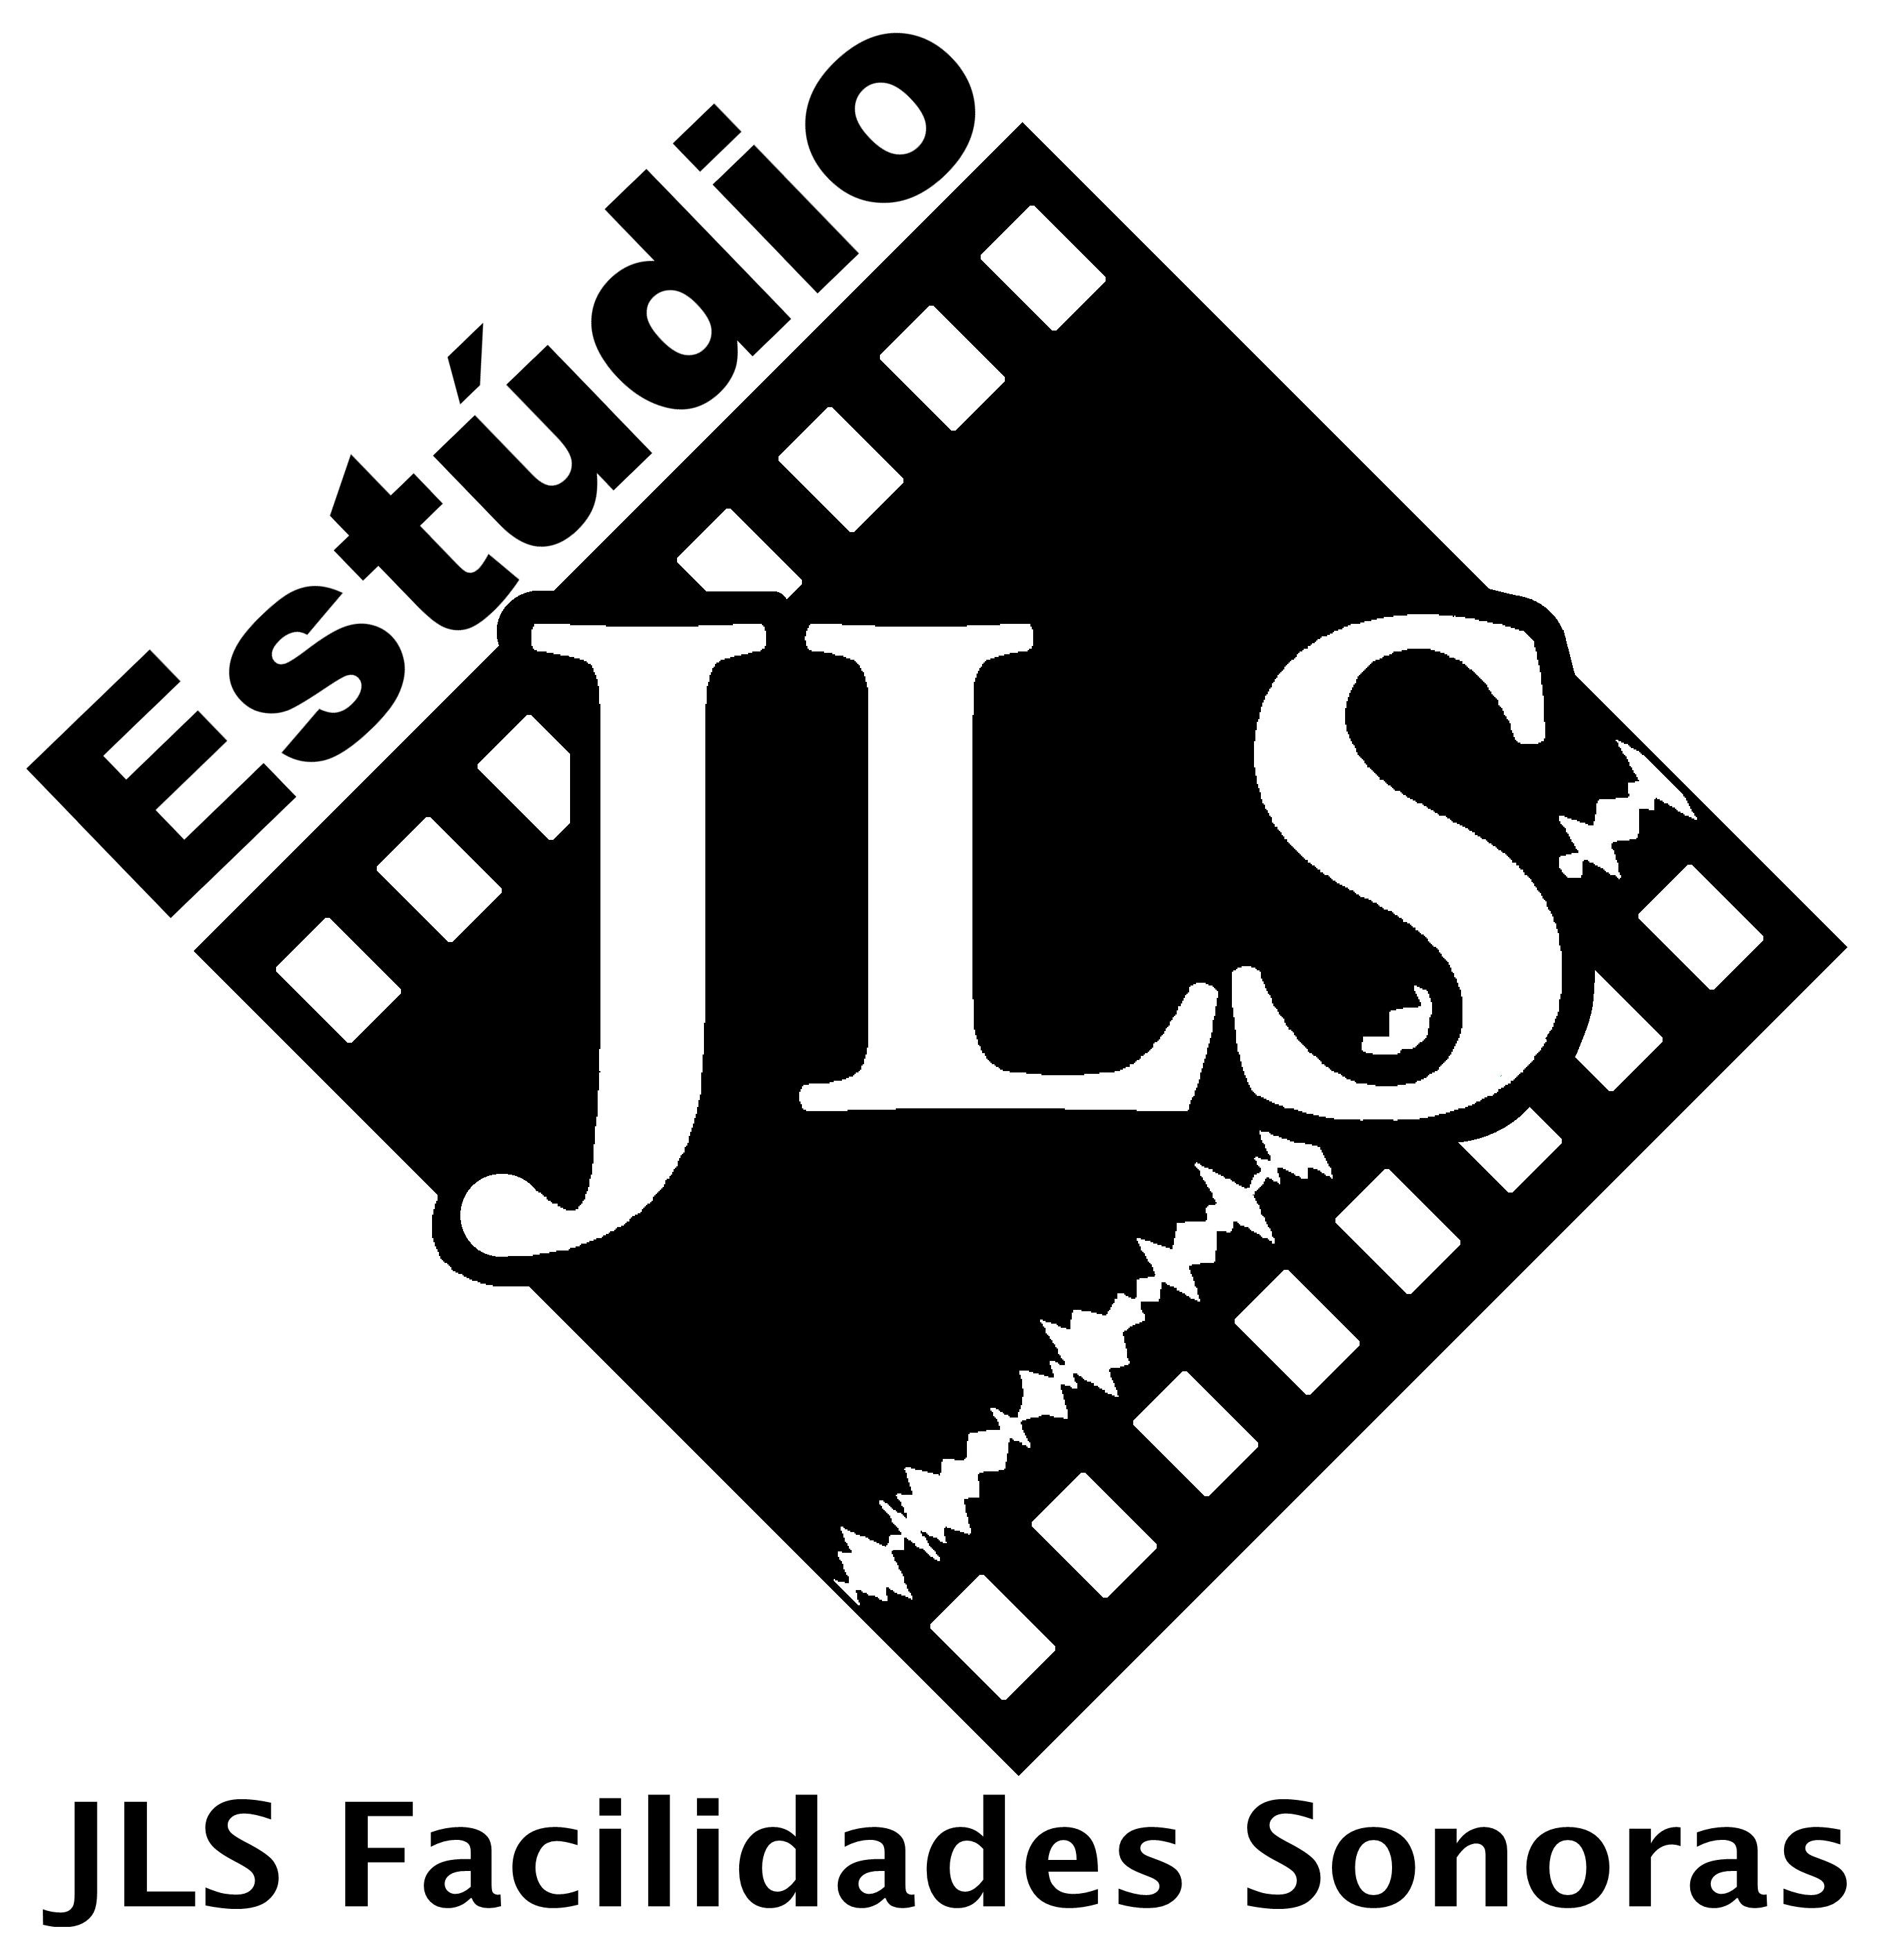 LOGO JLS - POSITIVO MATRIZ TIFF